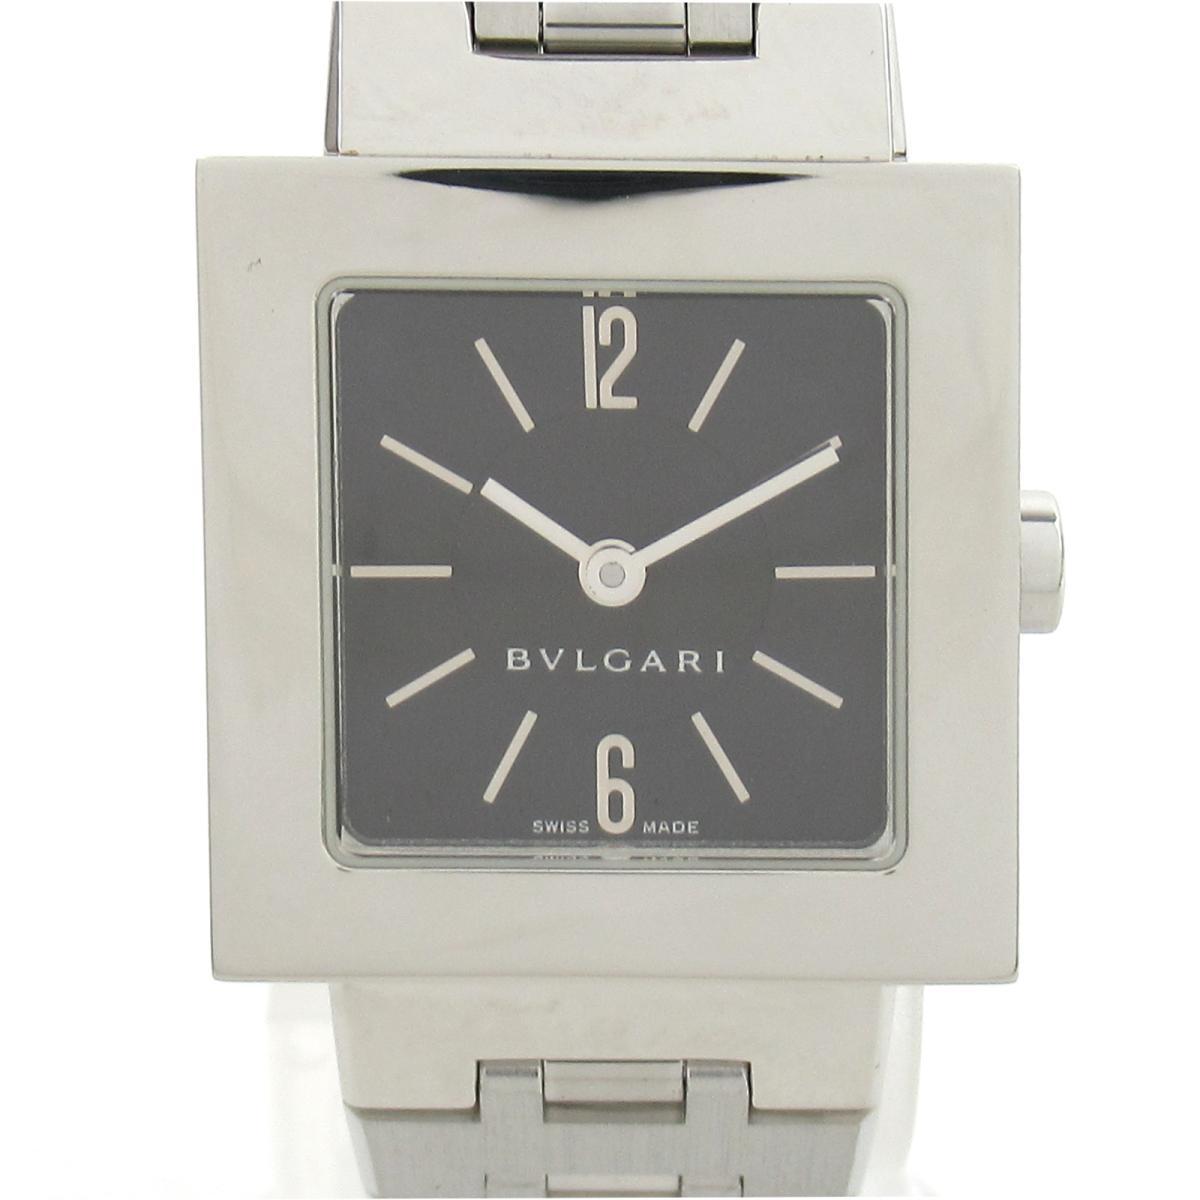 【中古】 ブルガリ クアドラート ウォッチ 腕時計 レディース ステンレススチール (SS) (SQ22SS) | BVLGARI BRANDOFF ブランドオフ ブランド ブランド時計 ブランド腕時計 時計